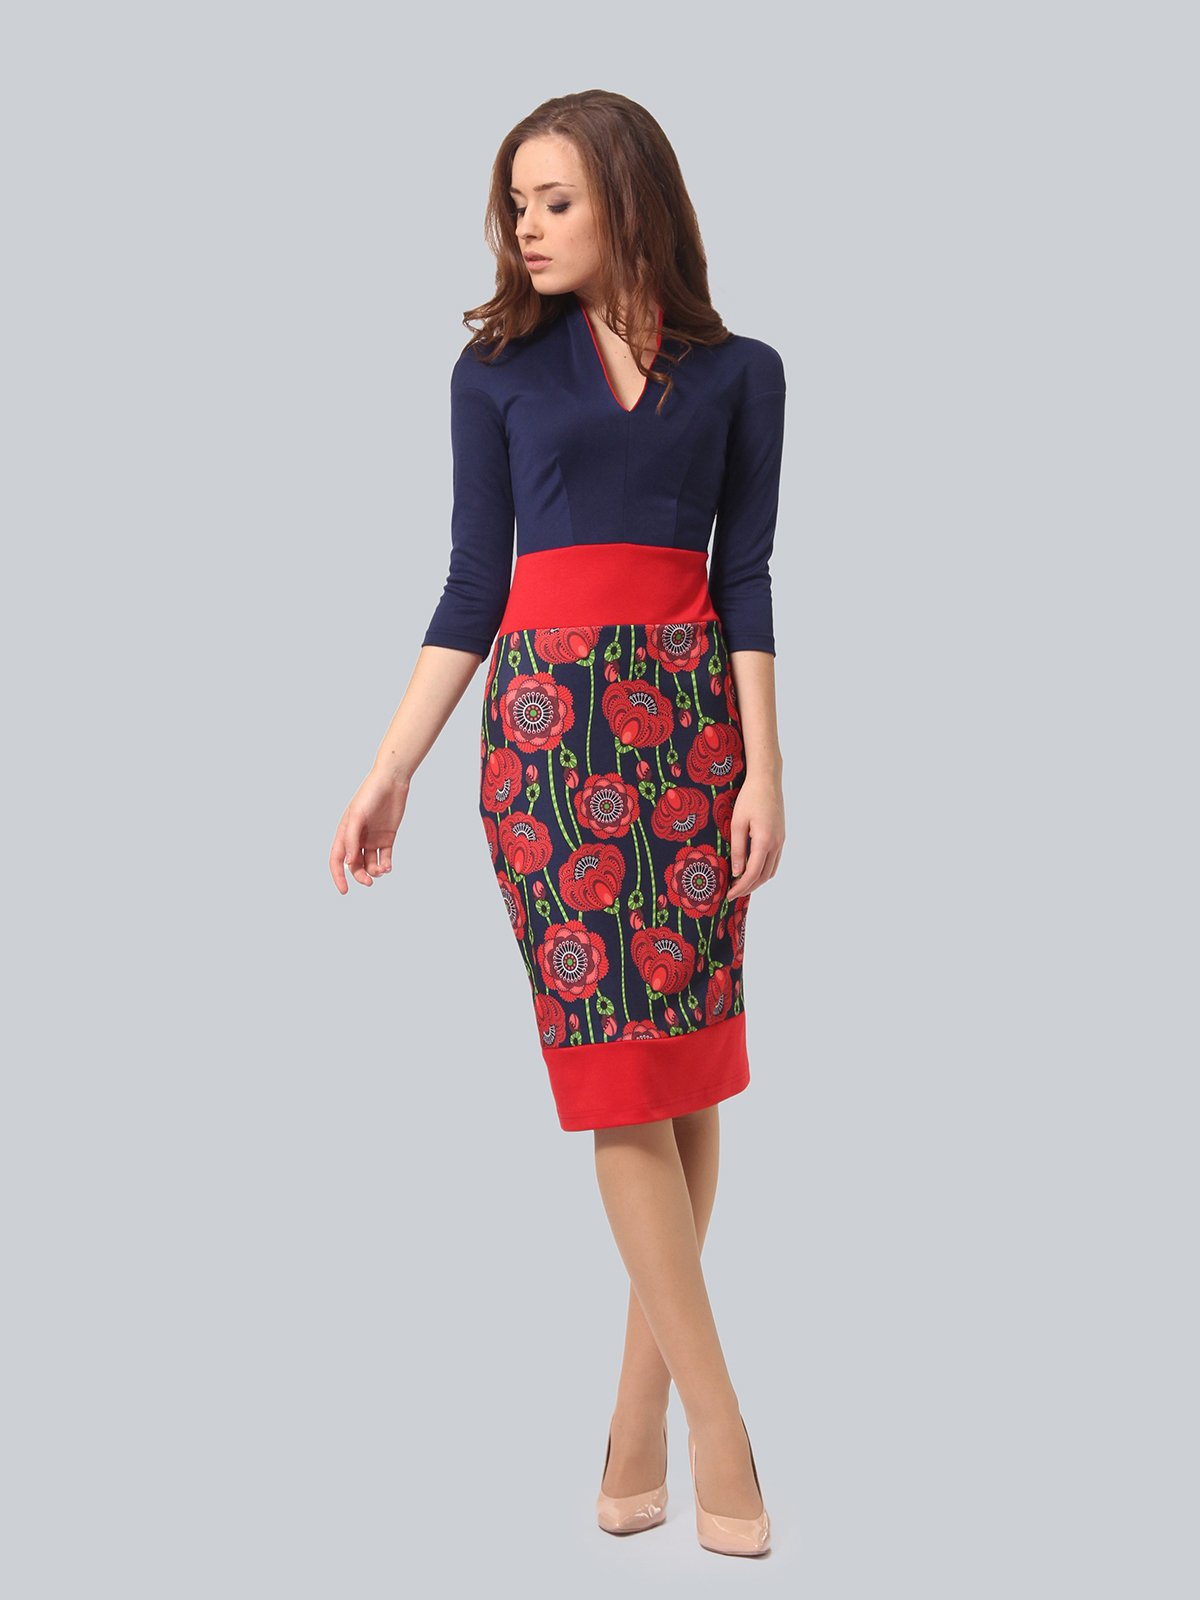 Платье темно-синее с цветочным принтом | 3840425 | фото 5